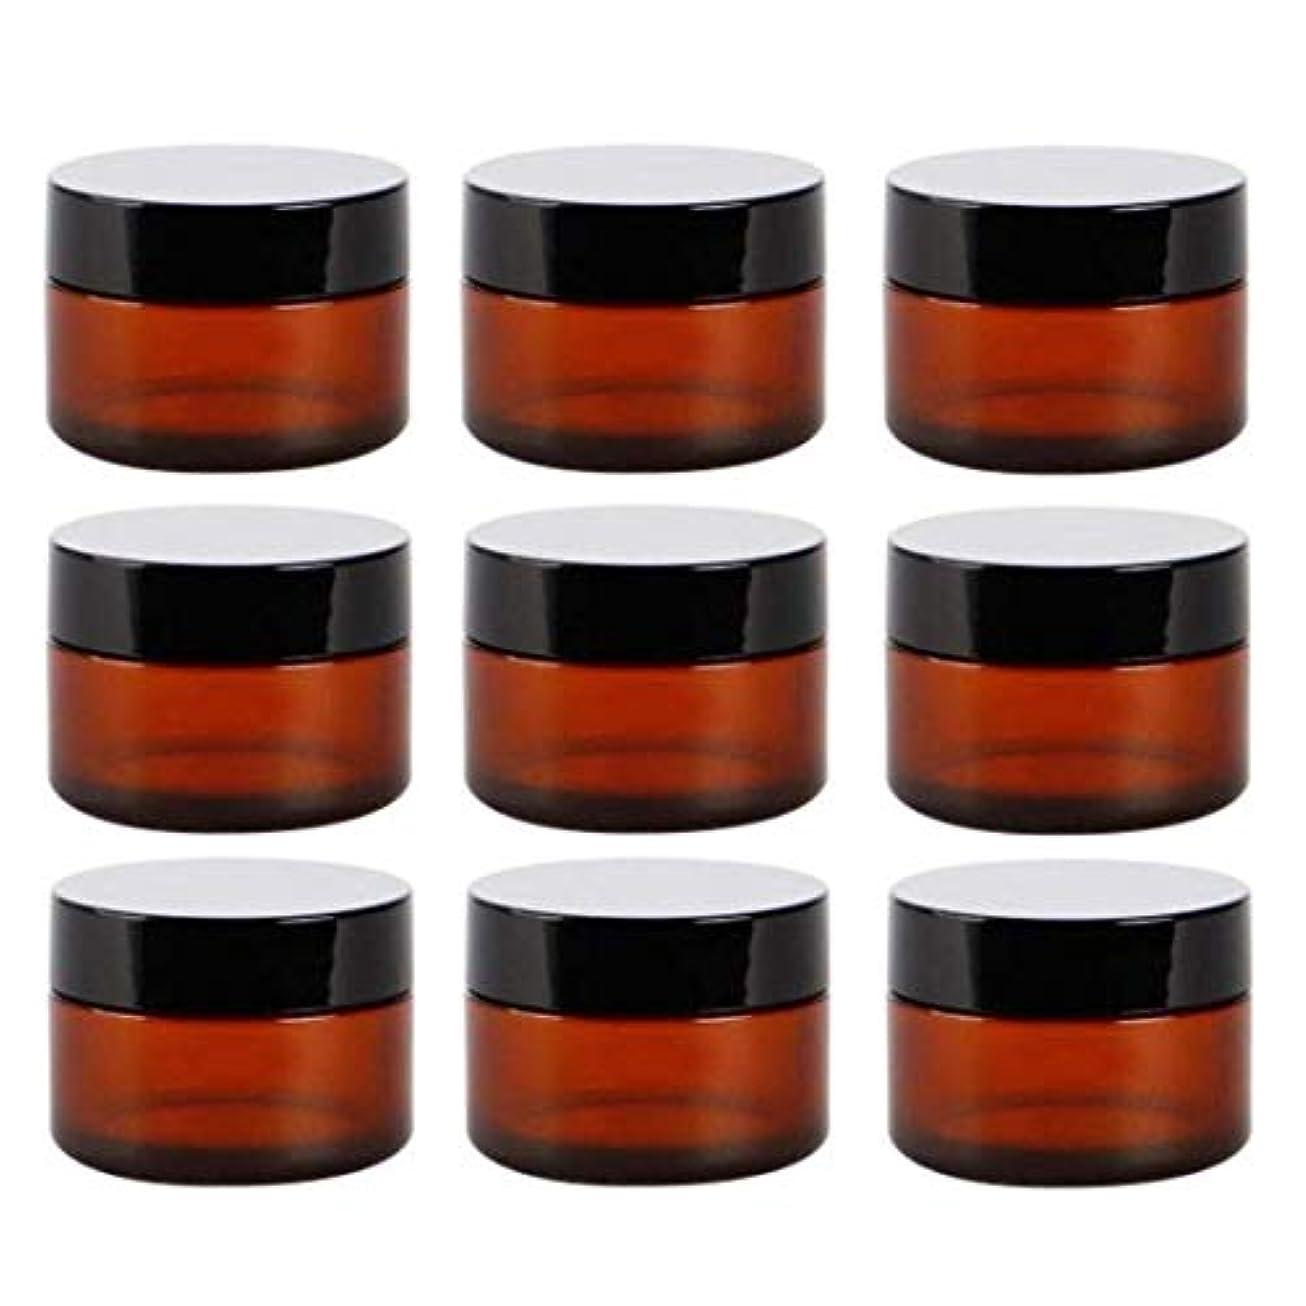 不満家主分離するアロマオイル 精油 香水やアロマの保存 小分け用 遮光瓶 詰替え ガラス製 9本セット茶色10g